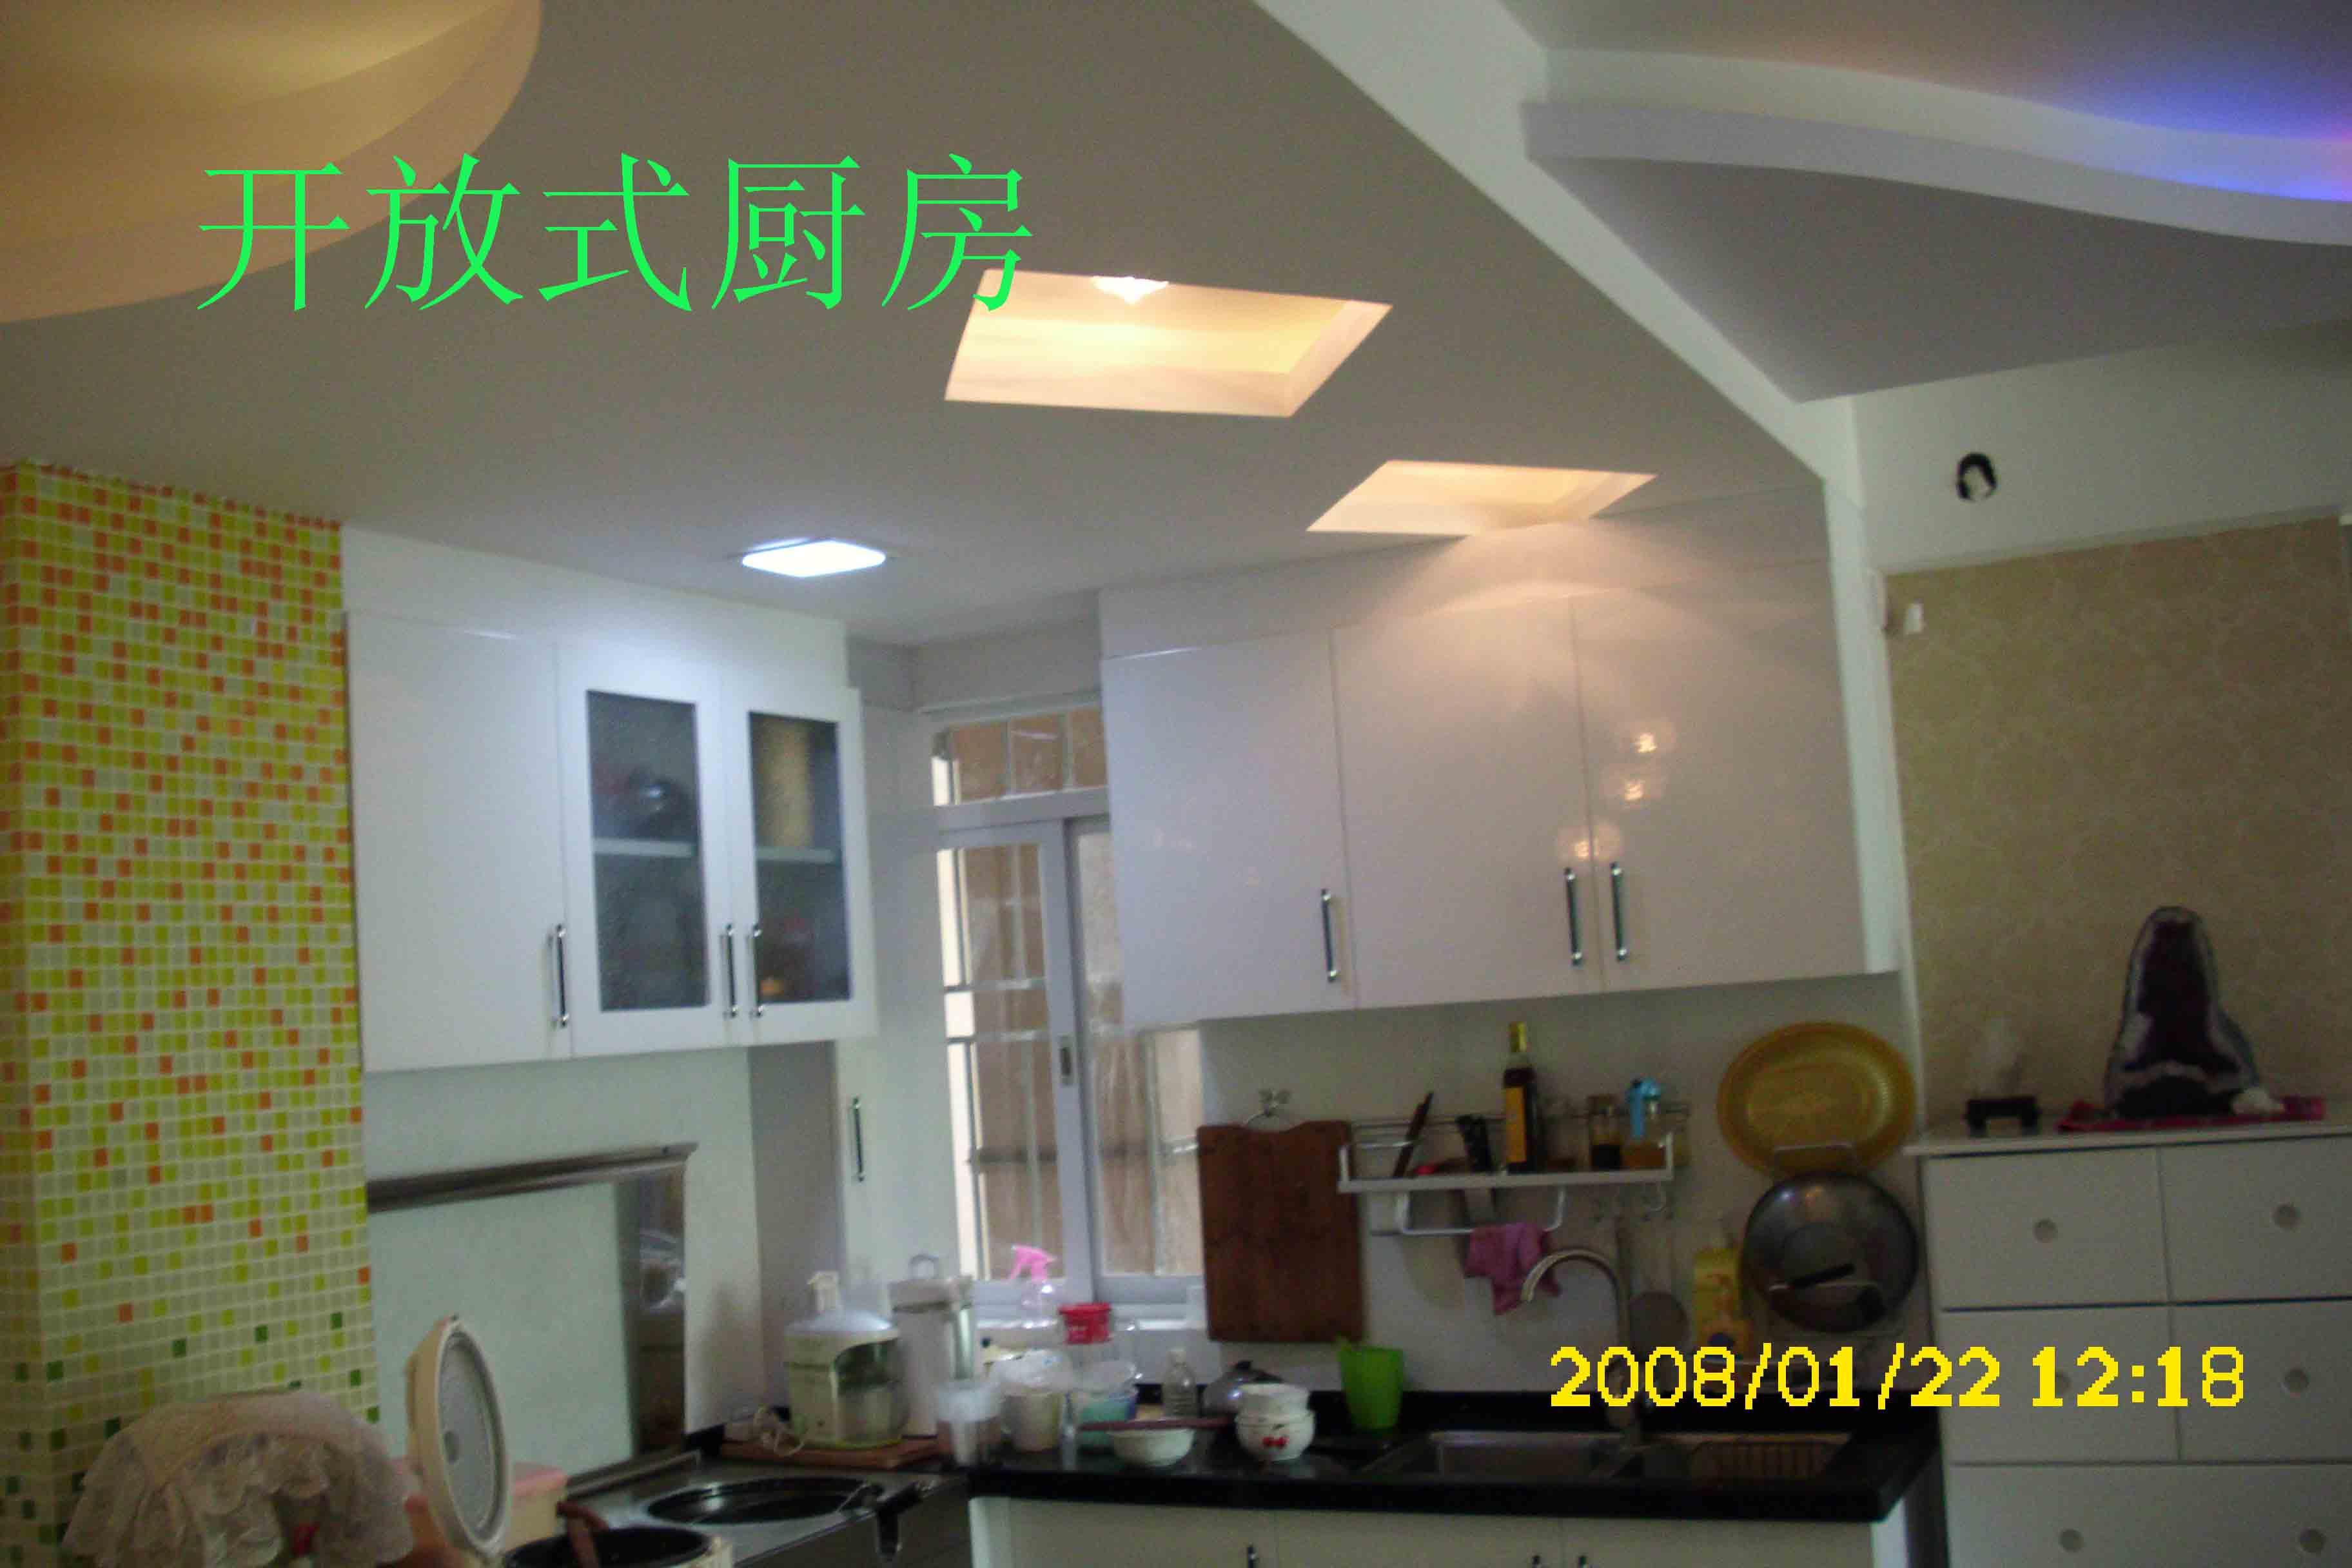 卫生间改造制作及安装隔木板